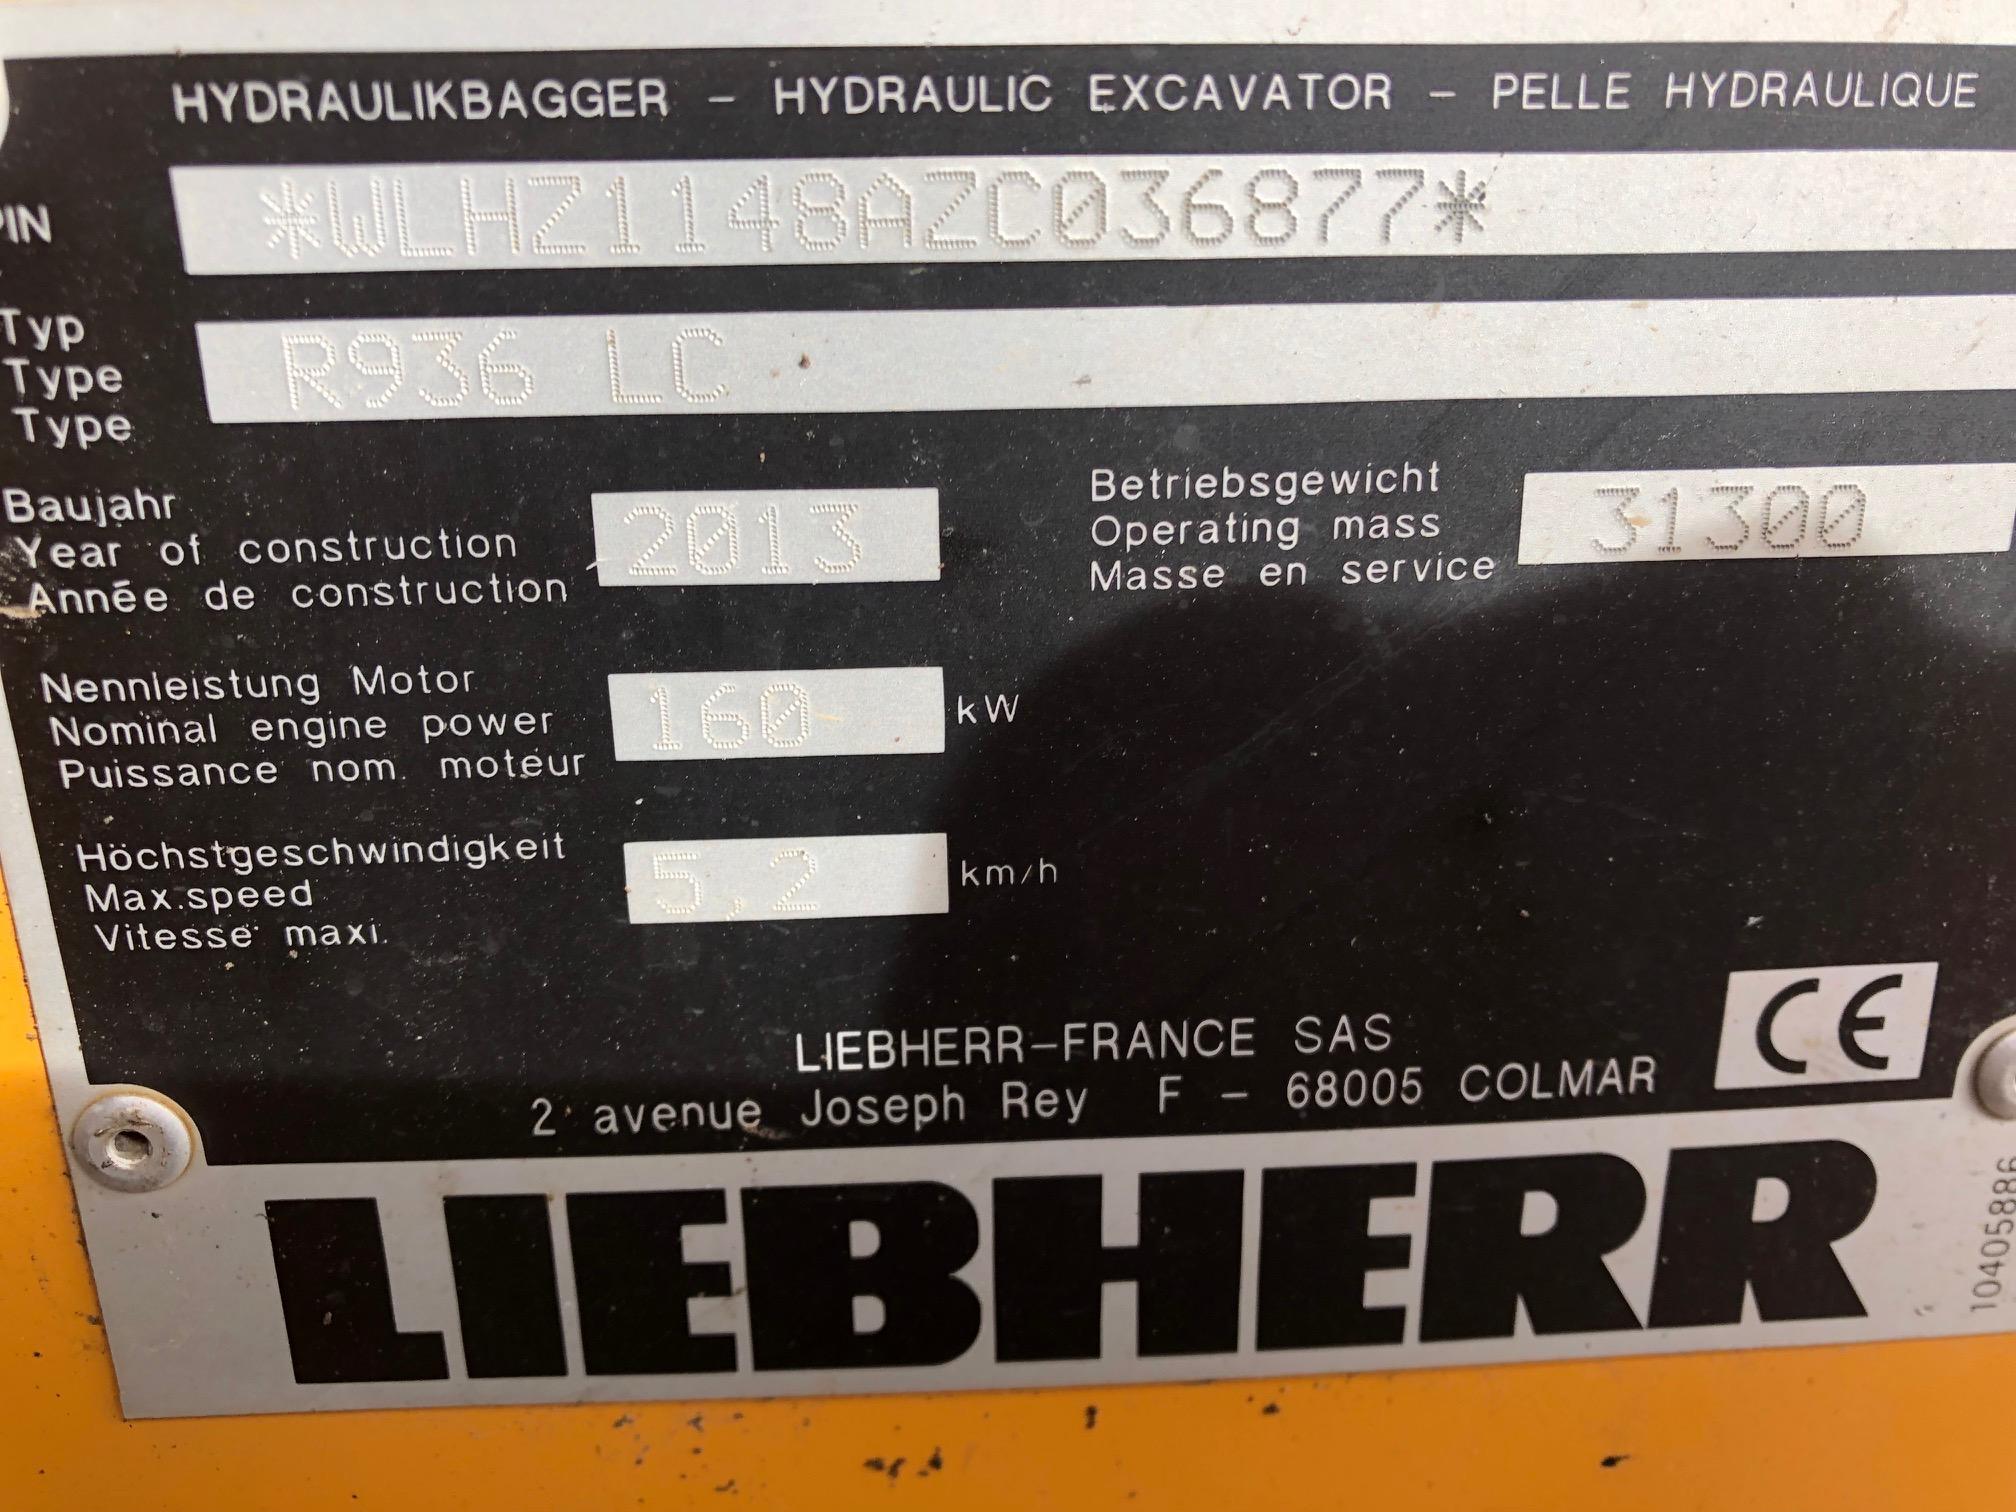 Liebherrr936-13-09.jpg